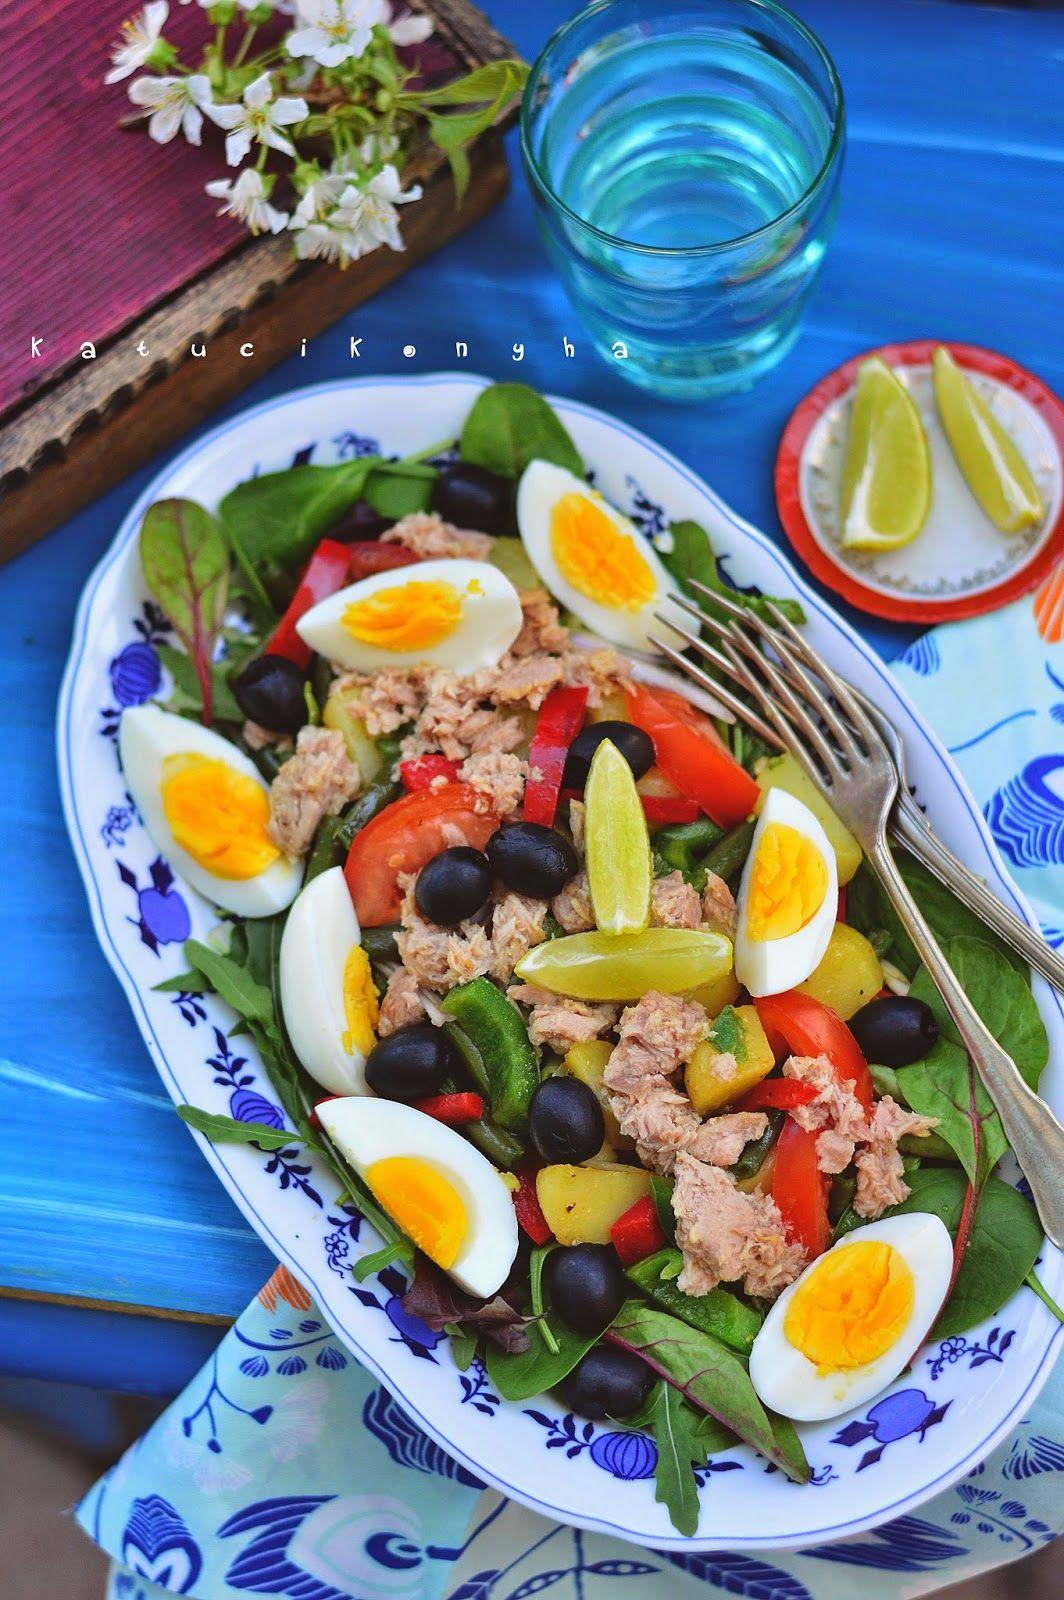 Közös recept: nizzai saláta | Recept, Saláta, Étel és ital